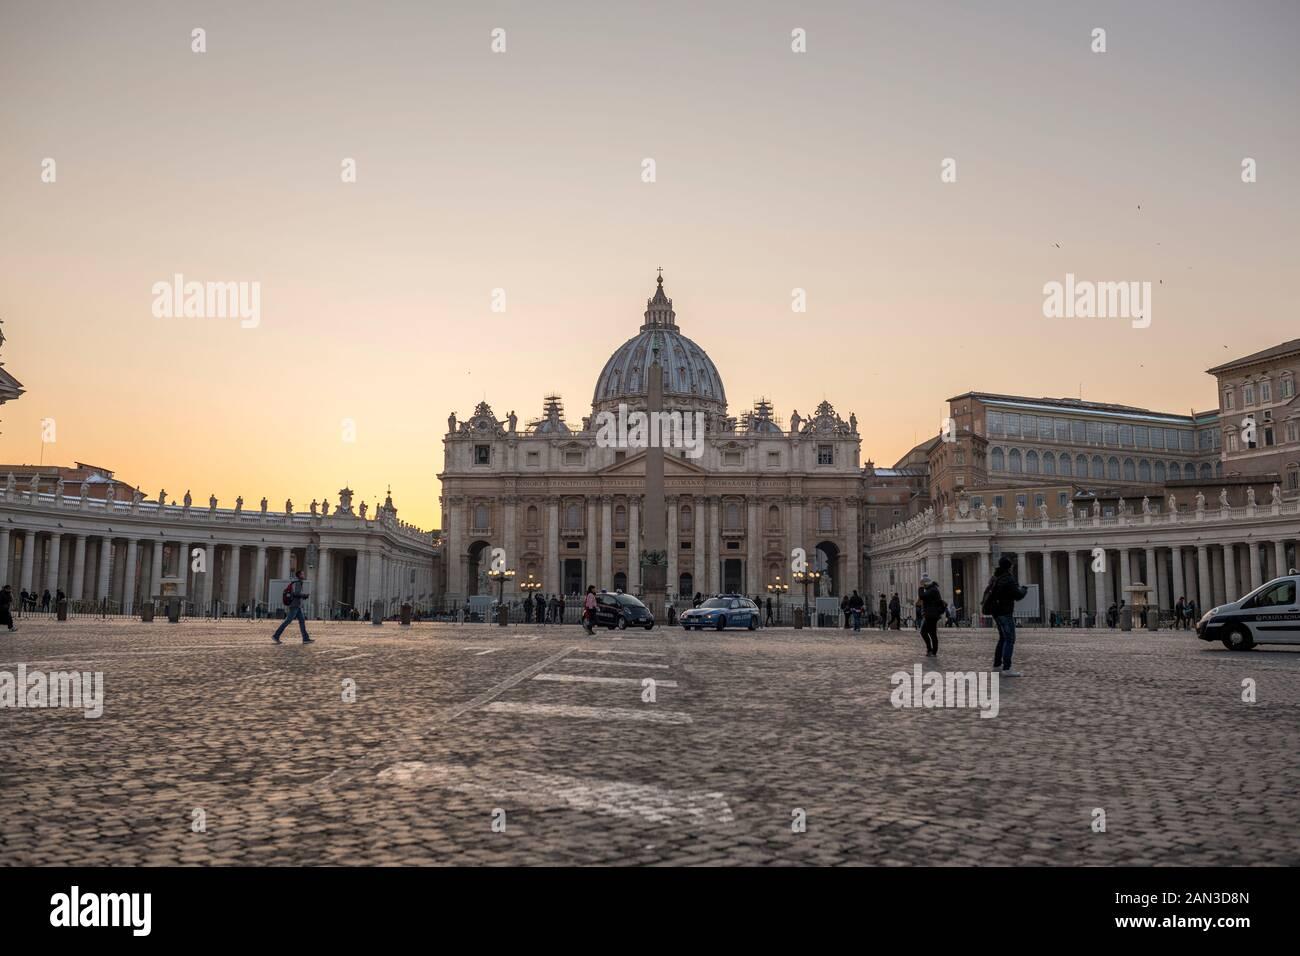 Vatican, Italie, Février 2018 -La Basilique Papale de Saint Pierre au Vatican - Basilique Papale di San Pietro in Vaticano - au crépuscule. Banque D'Images